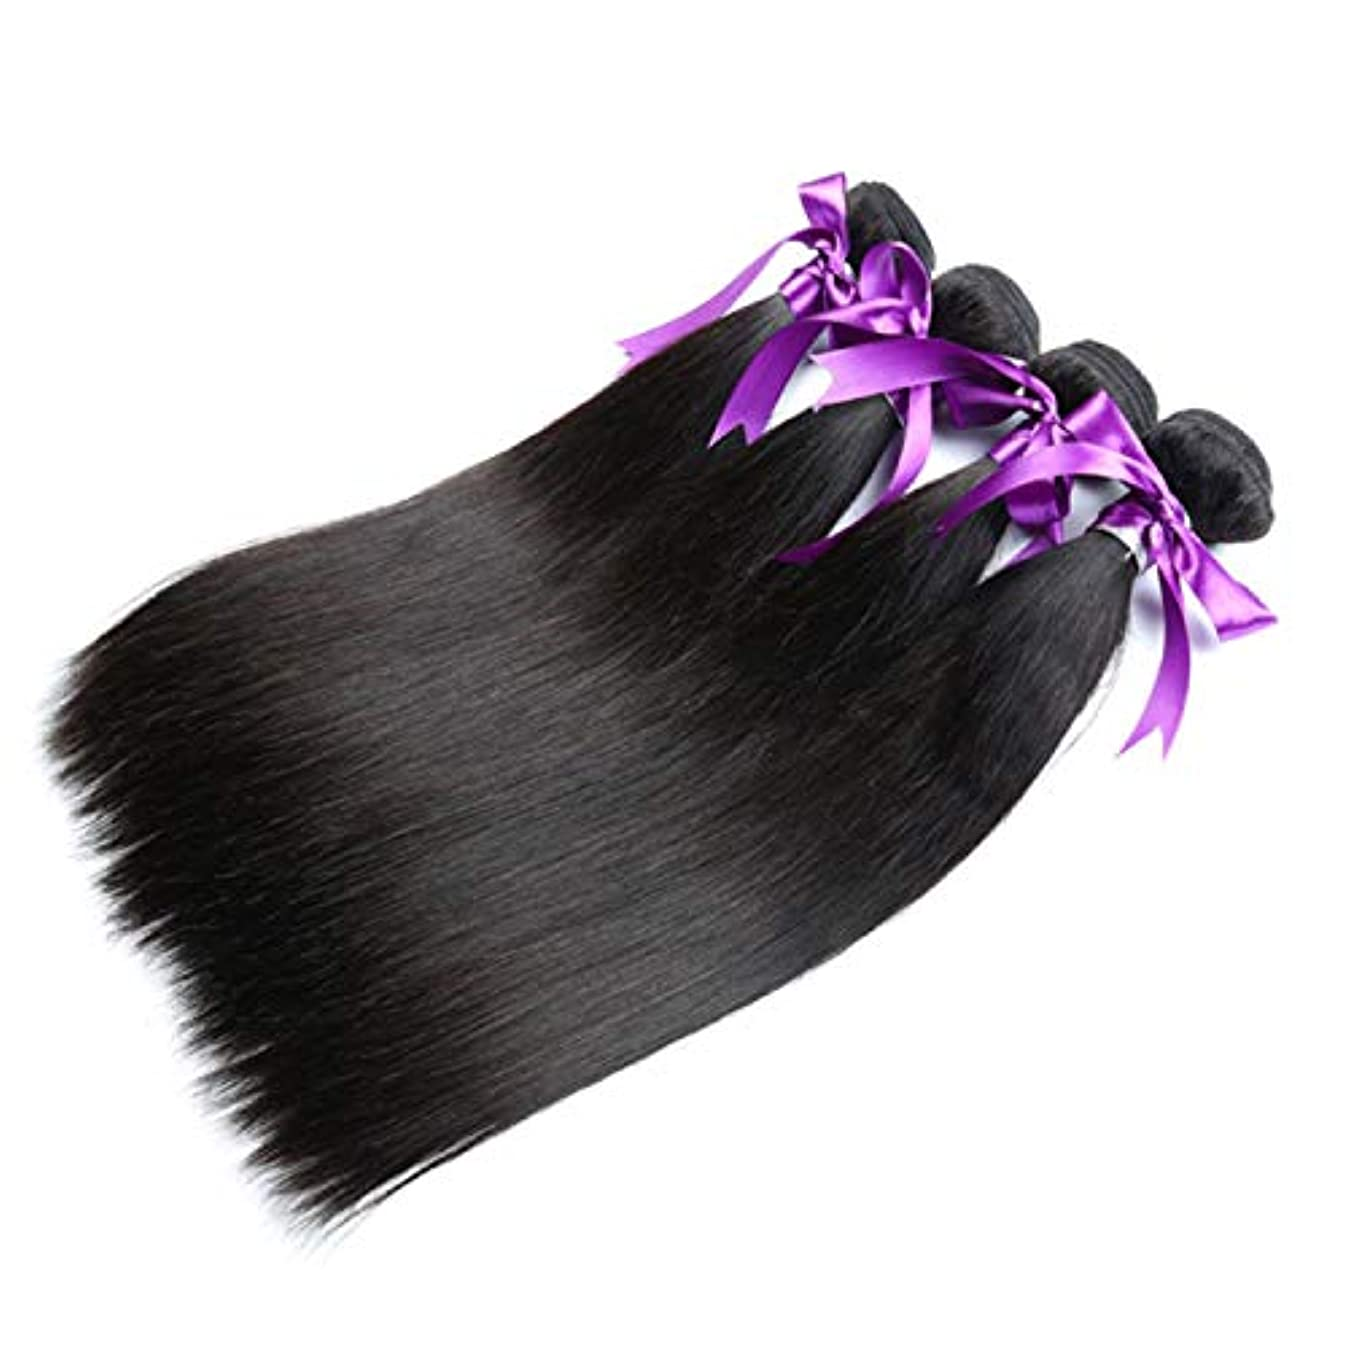 調整可能語行うペルーのストレートヘア4本の人間の髪の毛の束非レミーの毛の延長ナチュラルブラック (Length : 8 8 10 10)